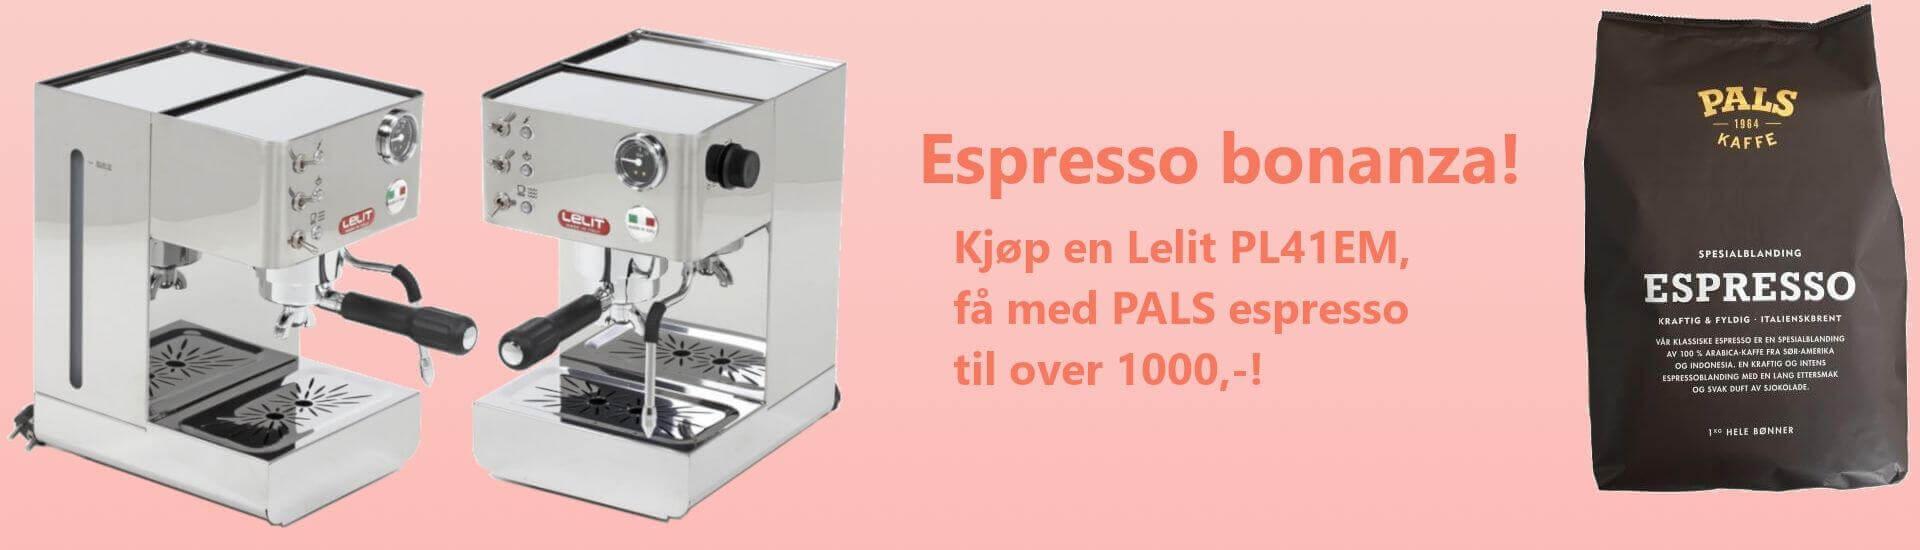 Espressobonanza